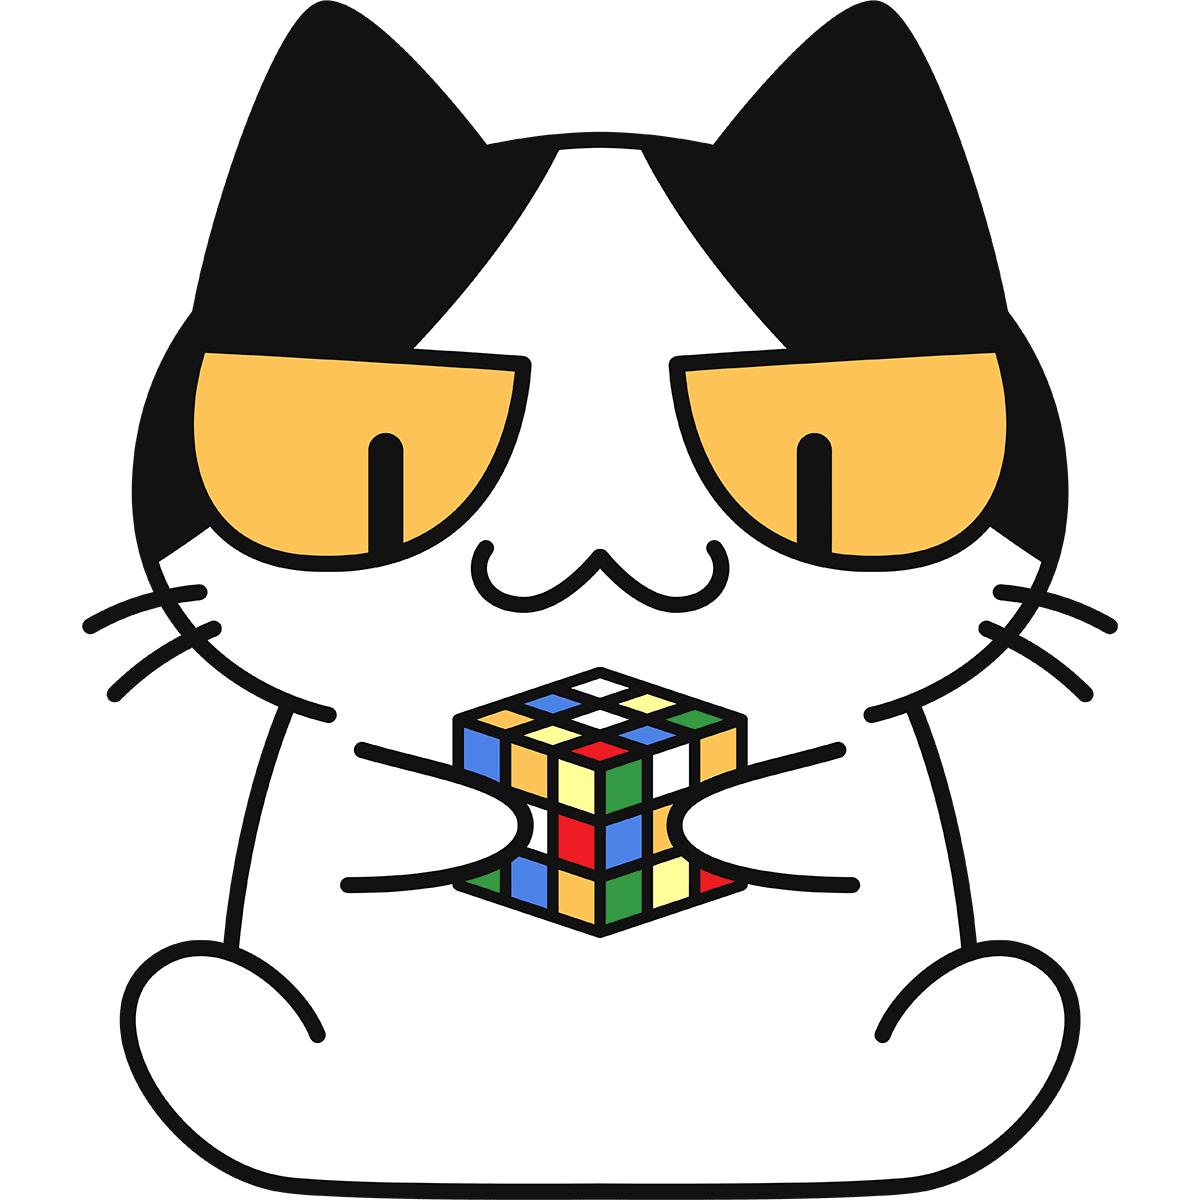 ルービックキューブをする猫の無料イラスト